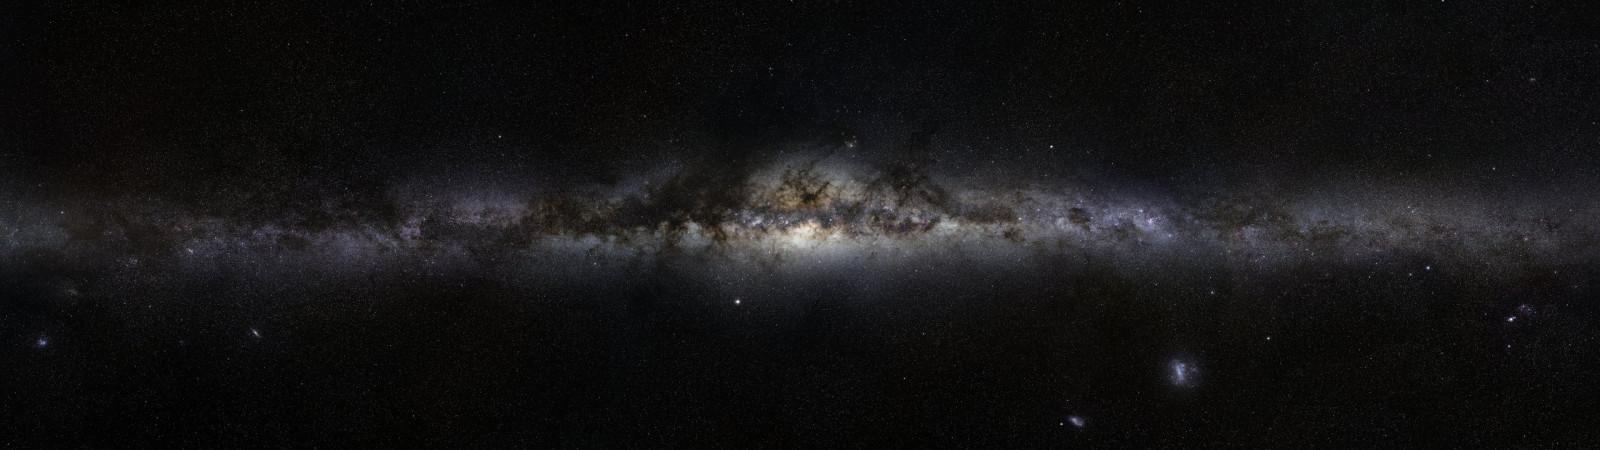 デジタルアート 夜 銀河 スペース 星 天の川 星雲 アンドロメダ 雰囲気 マルチディスプレイ 渦巻銀河 天文学 真夜中 星 闇 宇宙空間 天体